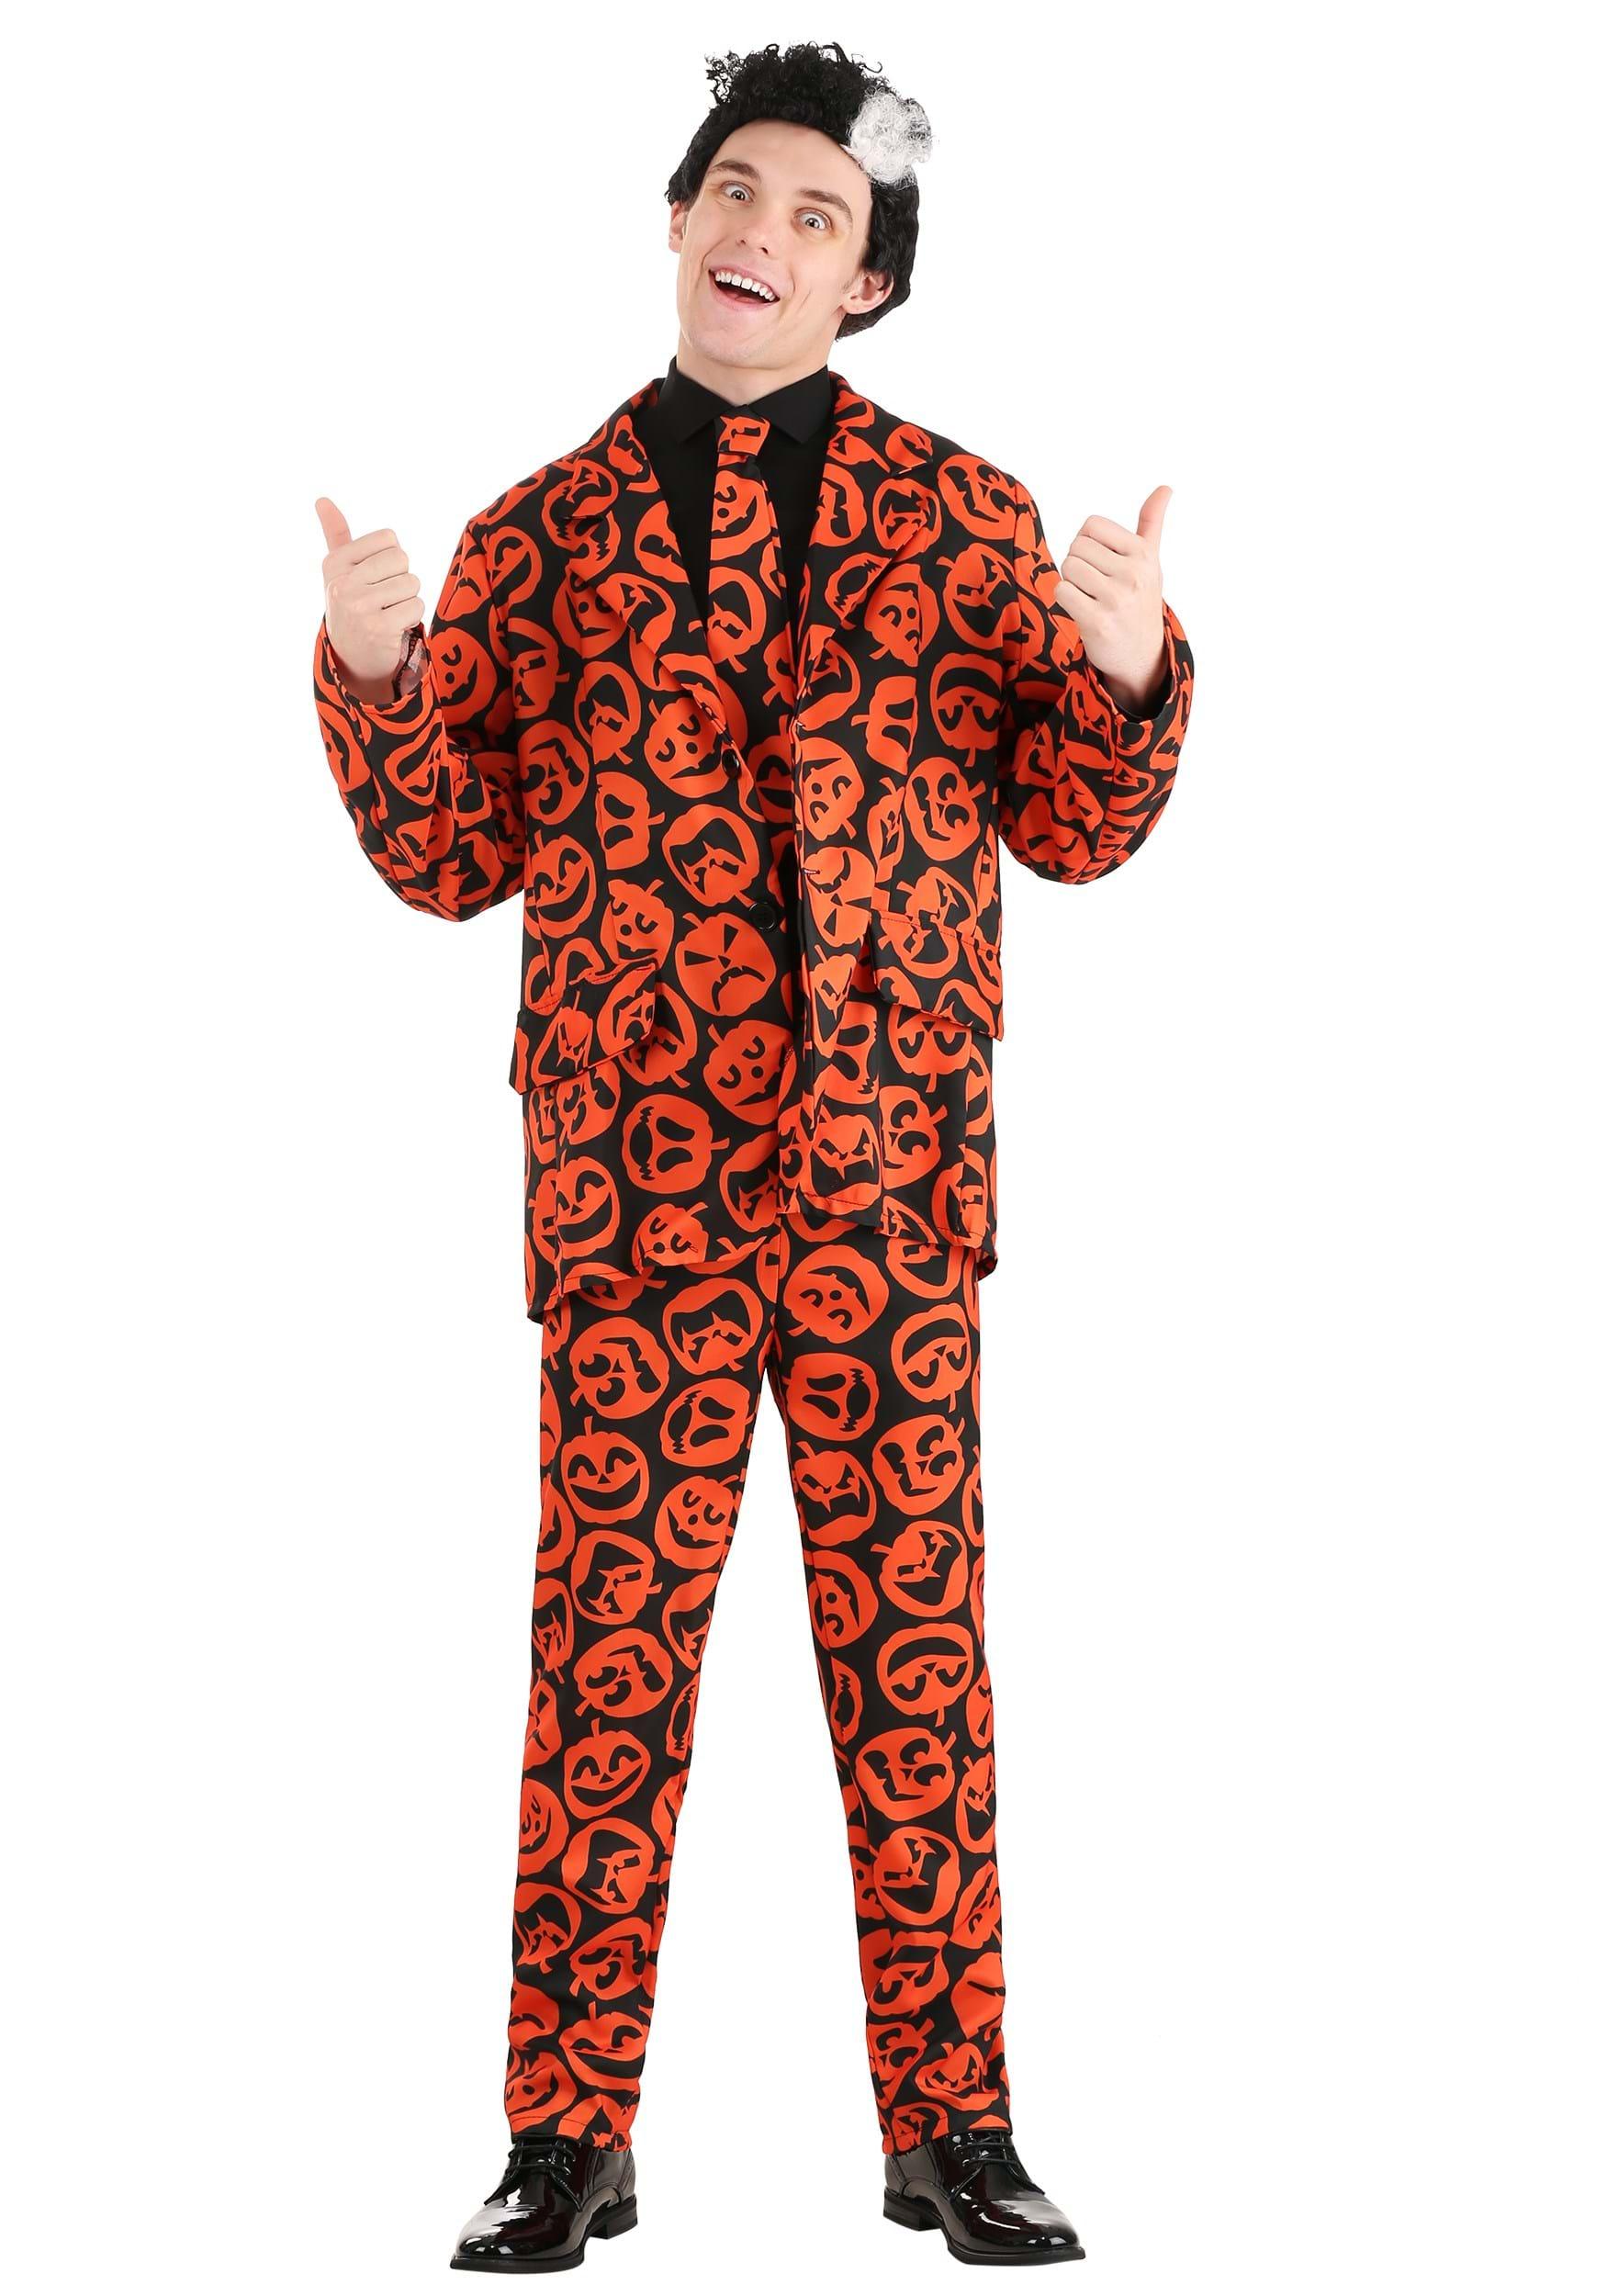 57e9a549 David S. Pumpkins Costume for Men